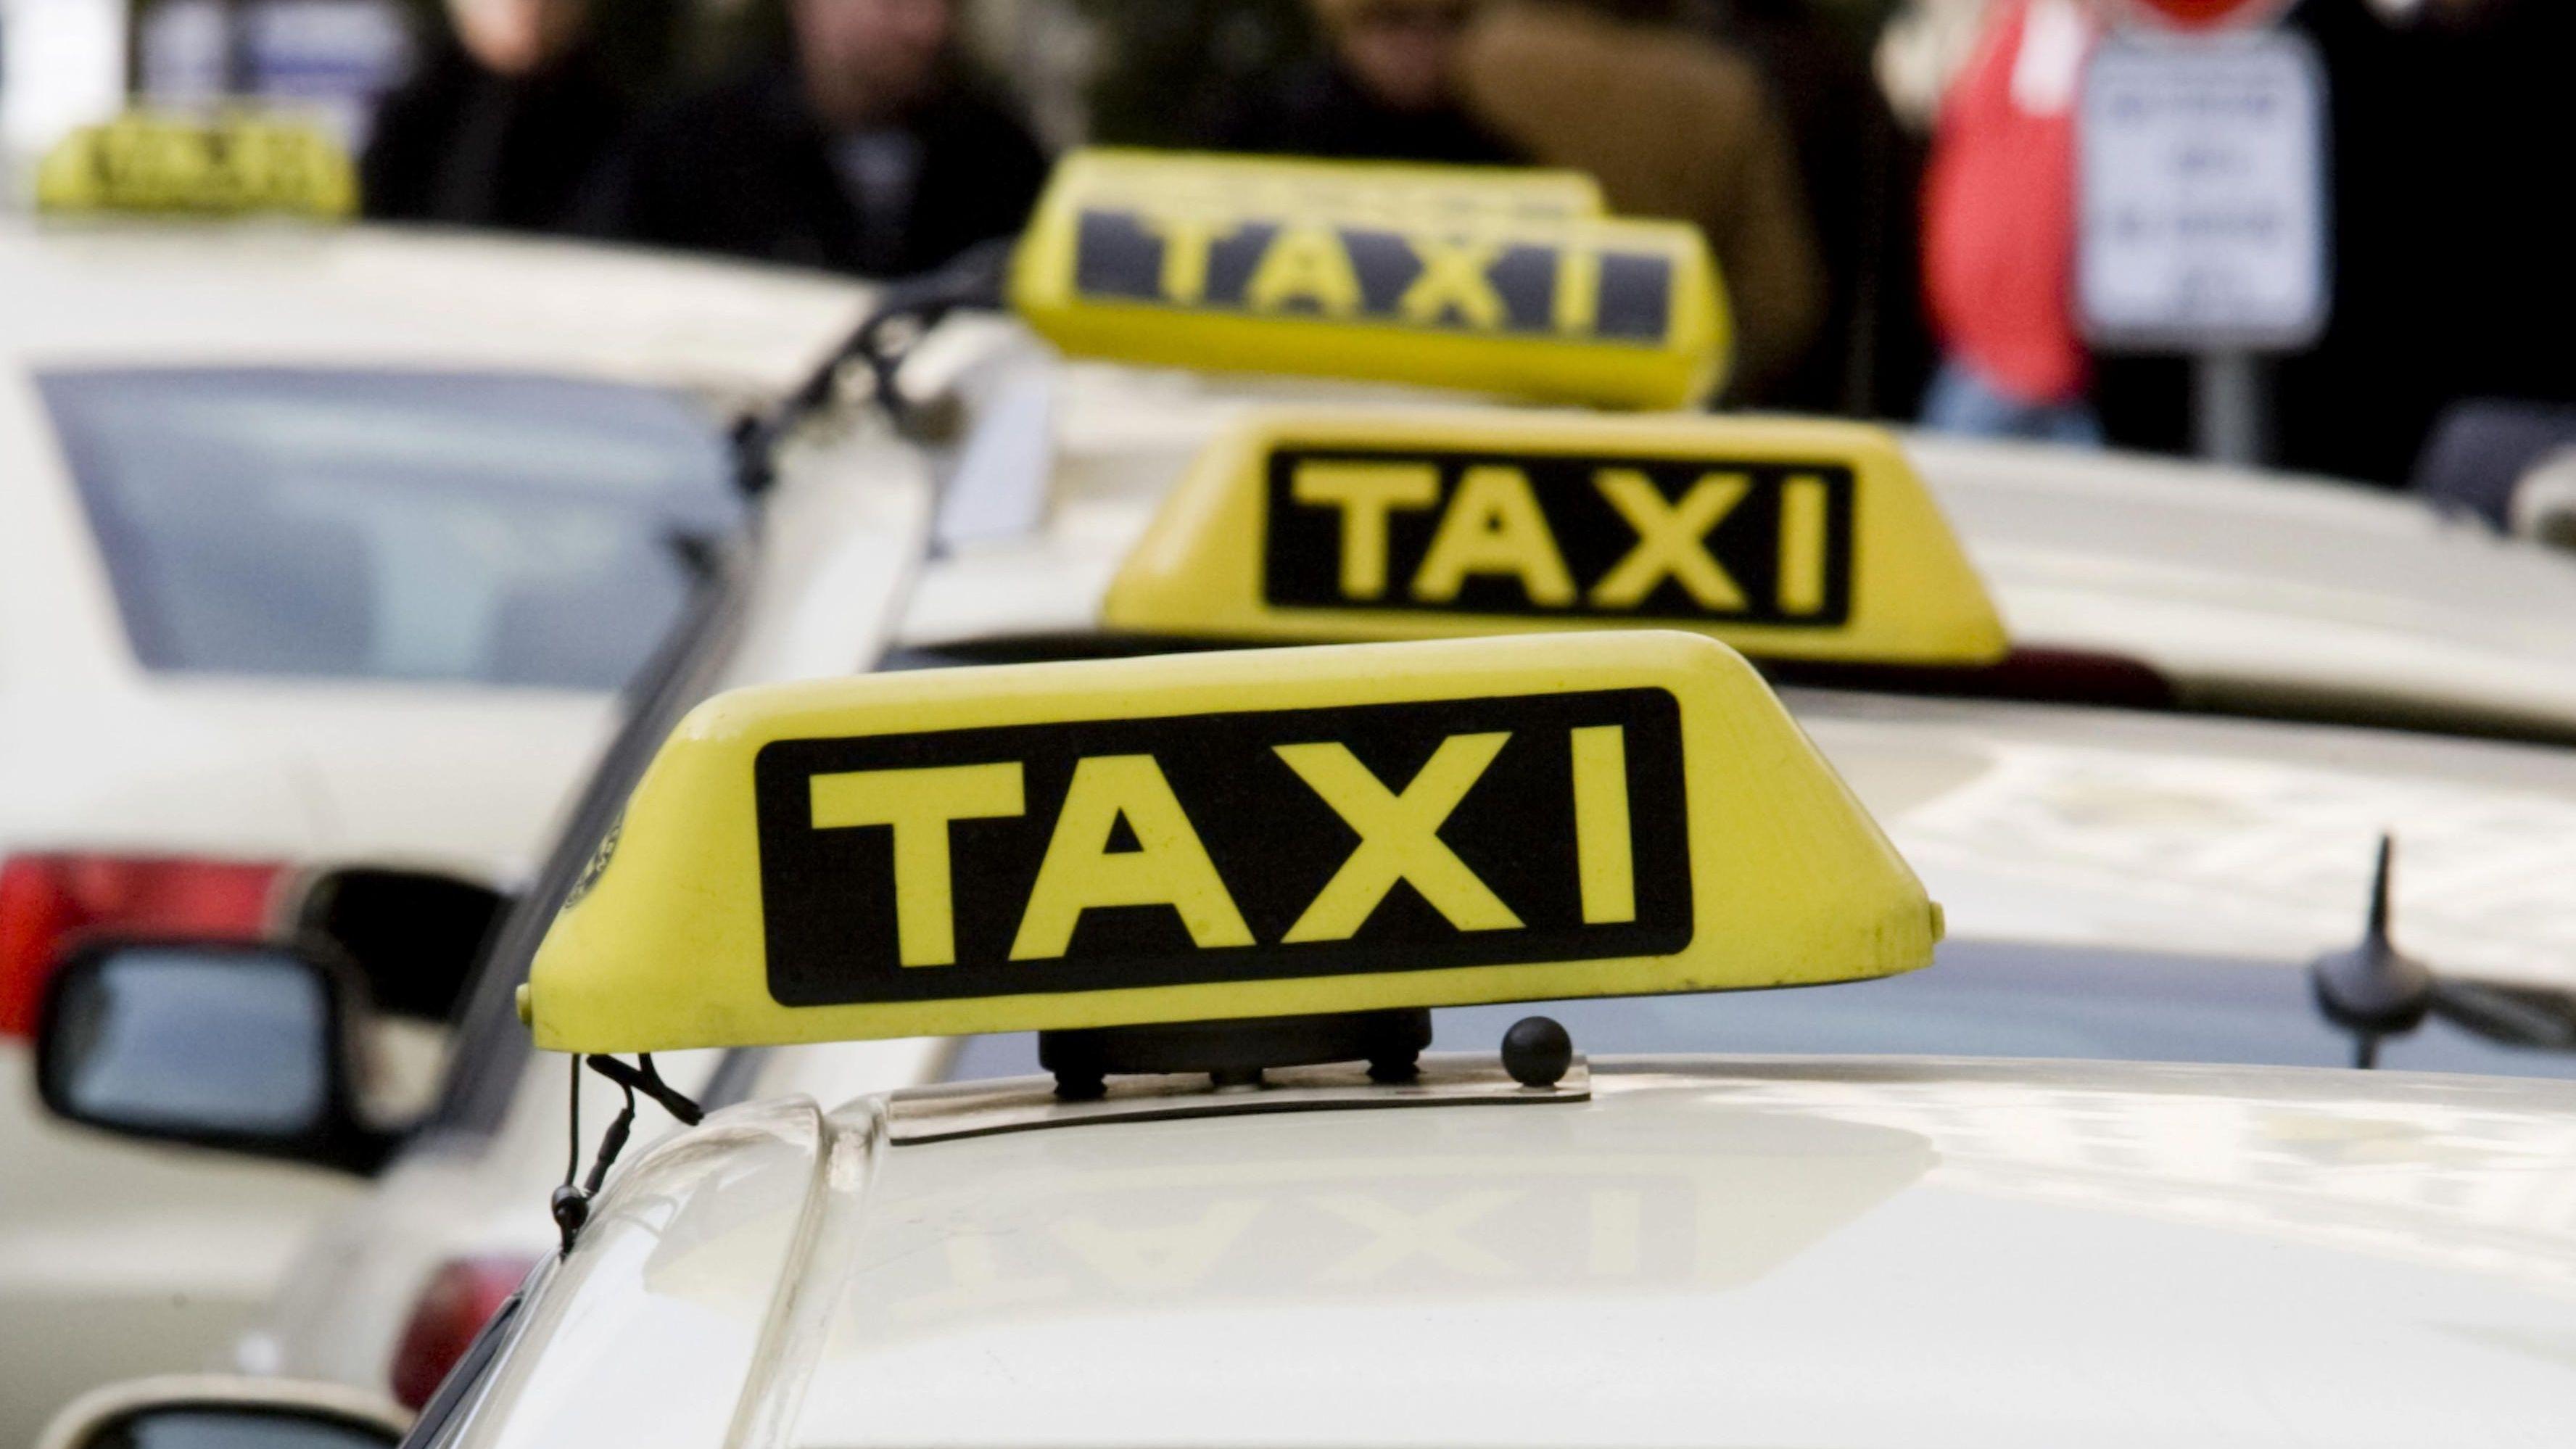 Taxistand vor einem Münchner Hotel